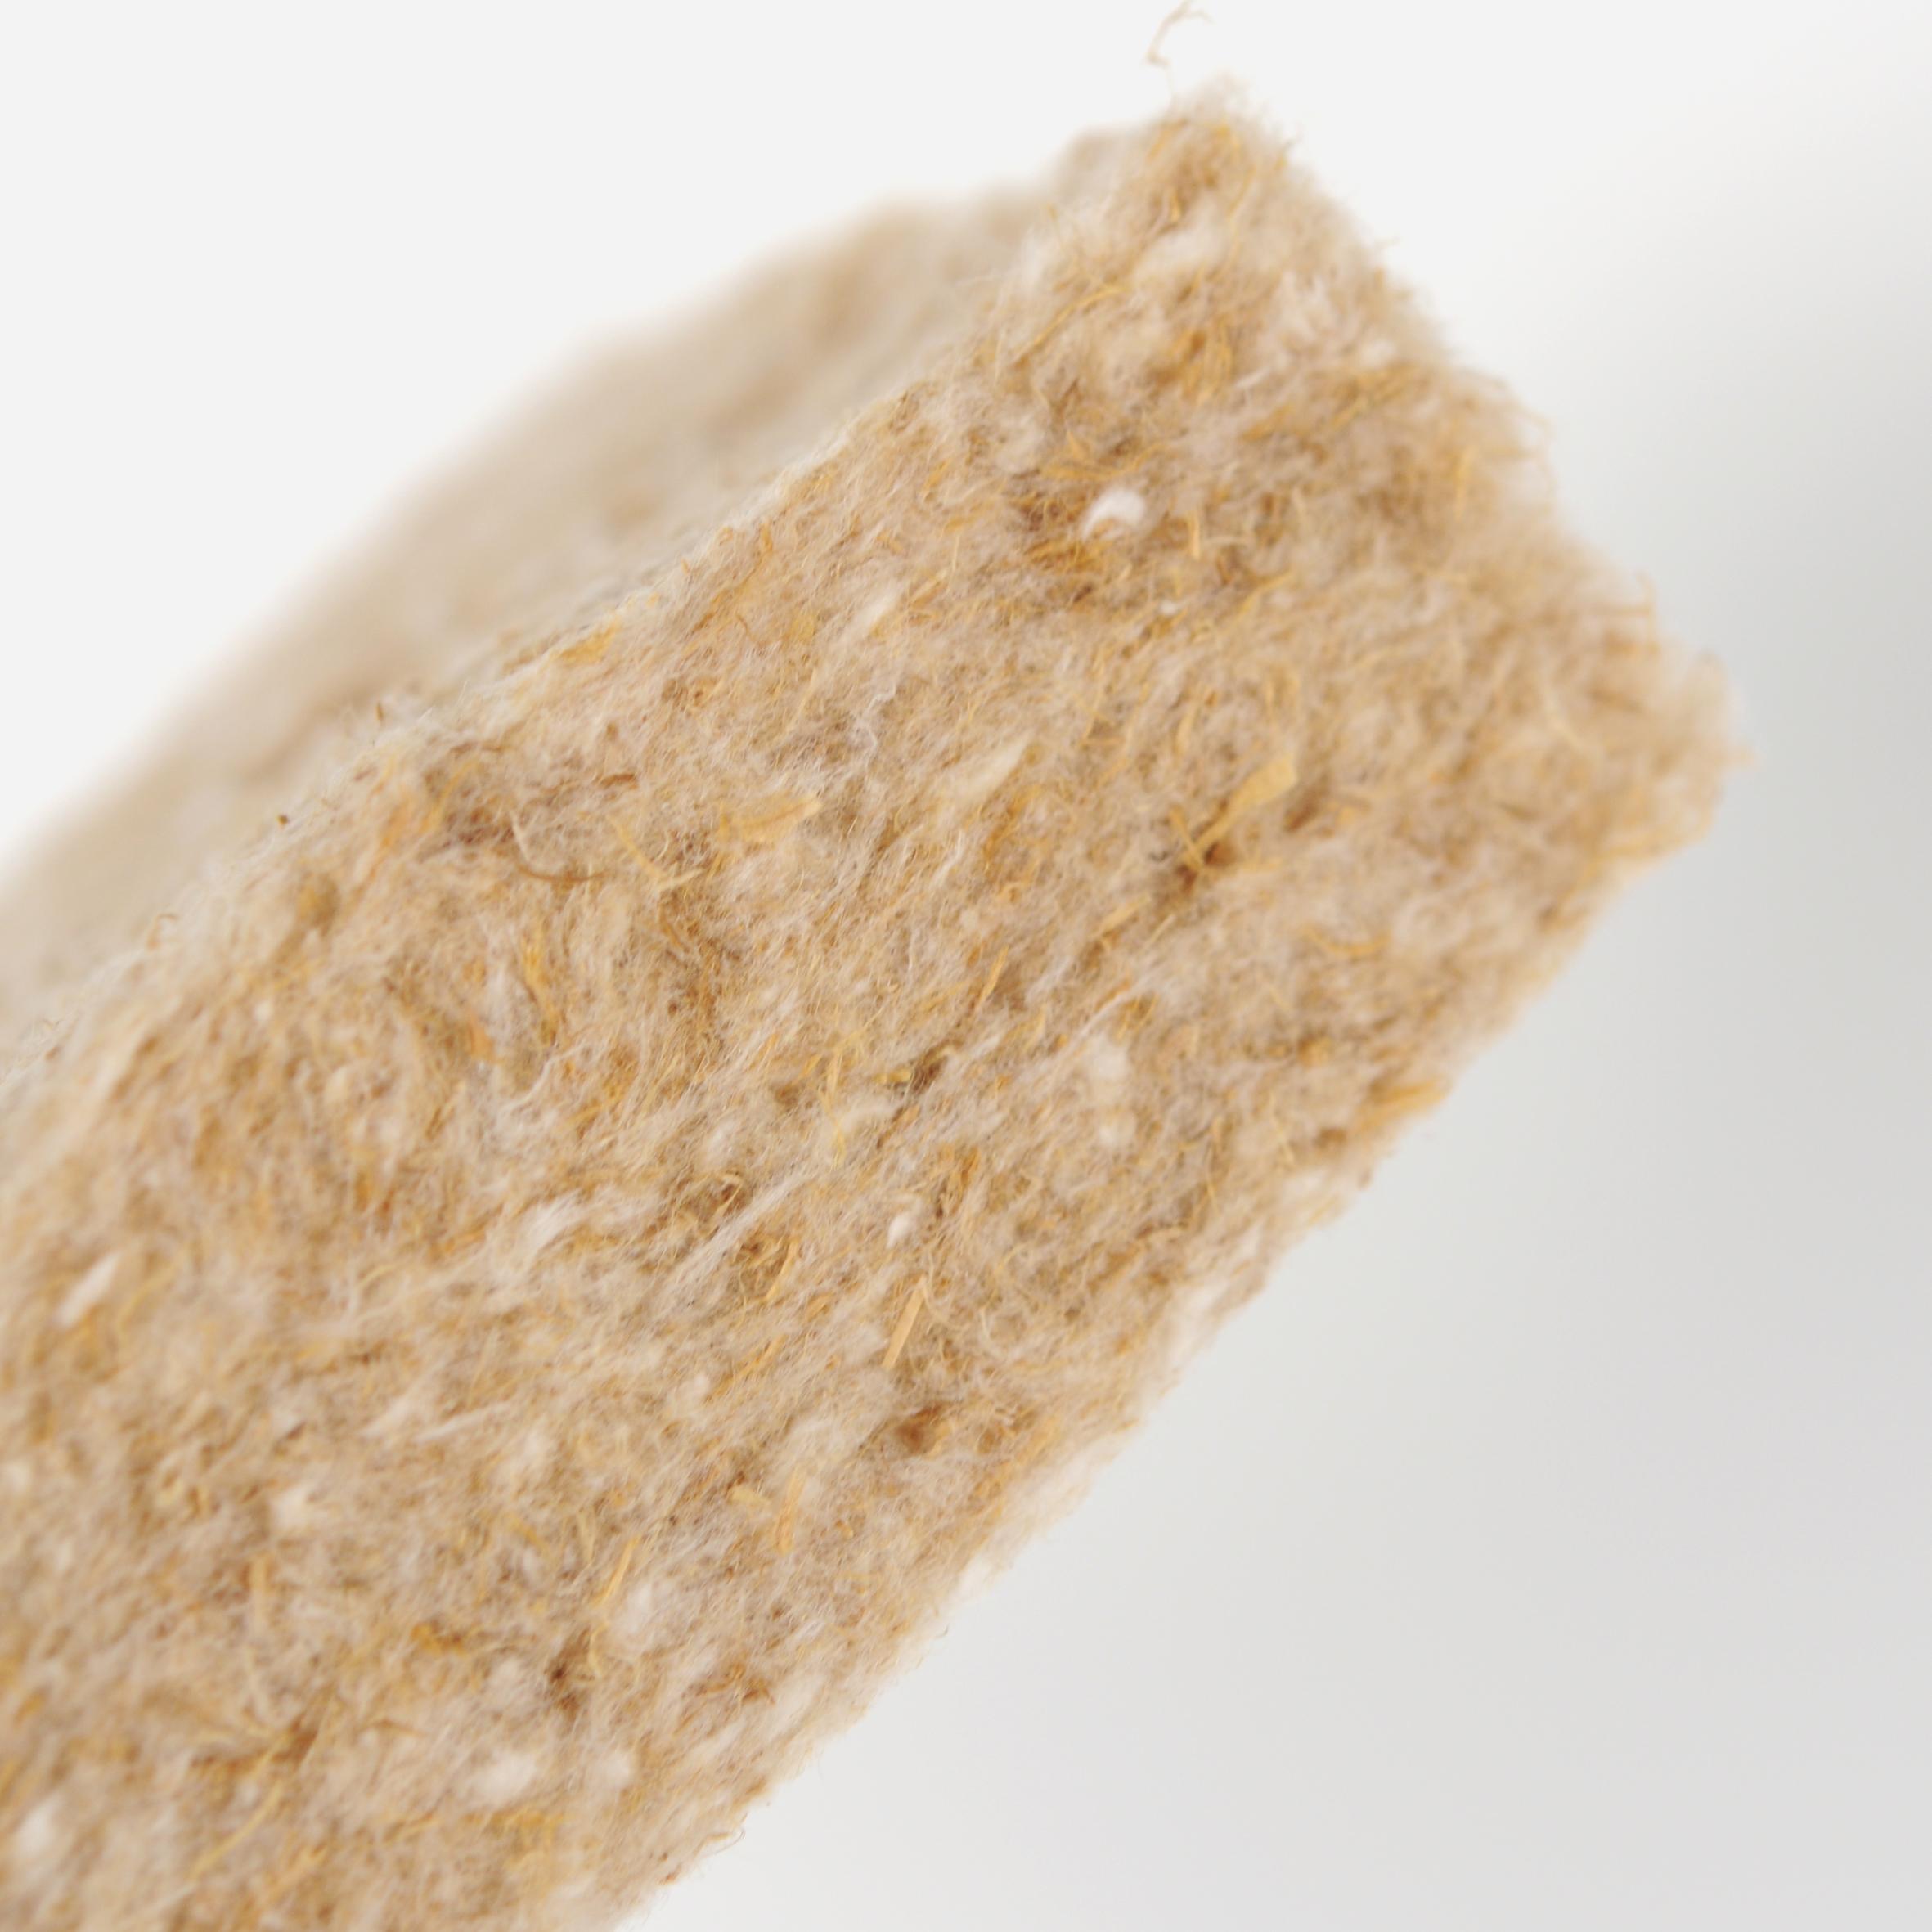 Isoduo36 materiau isolant ldi 69